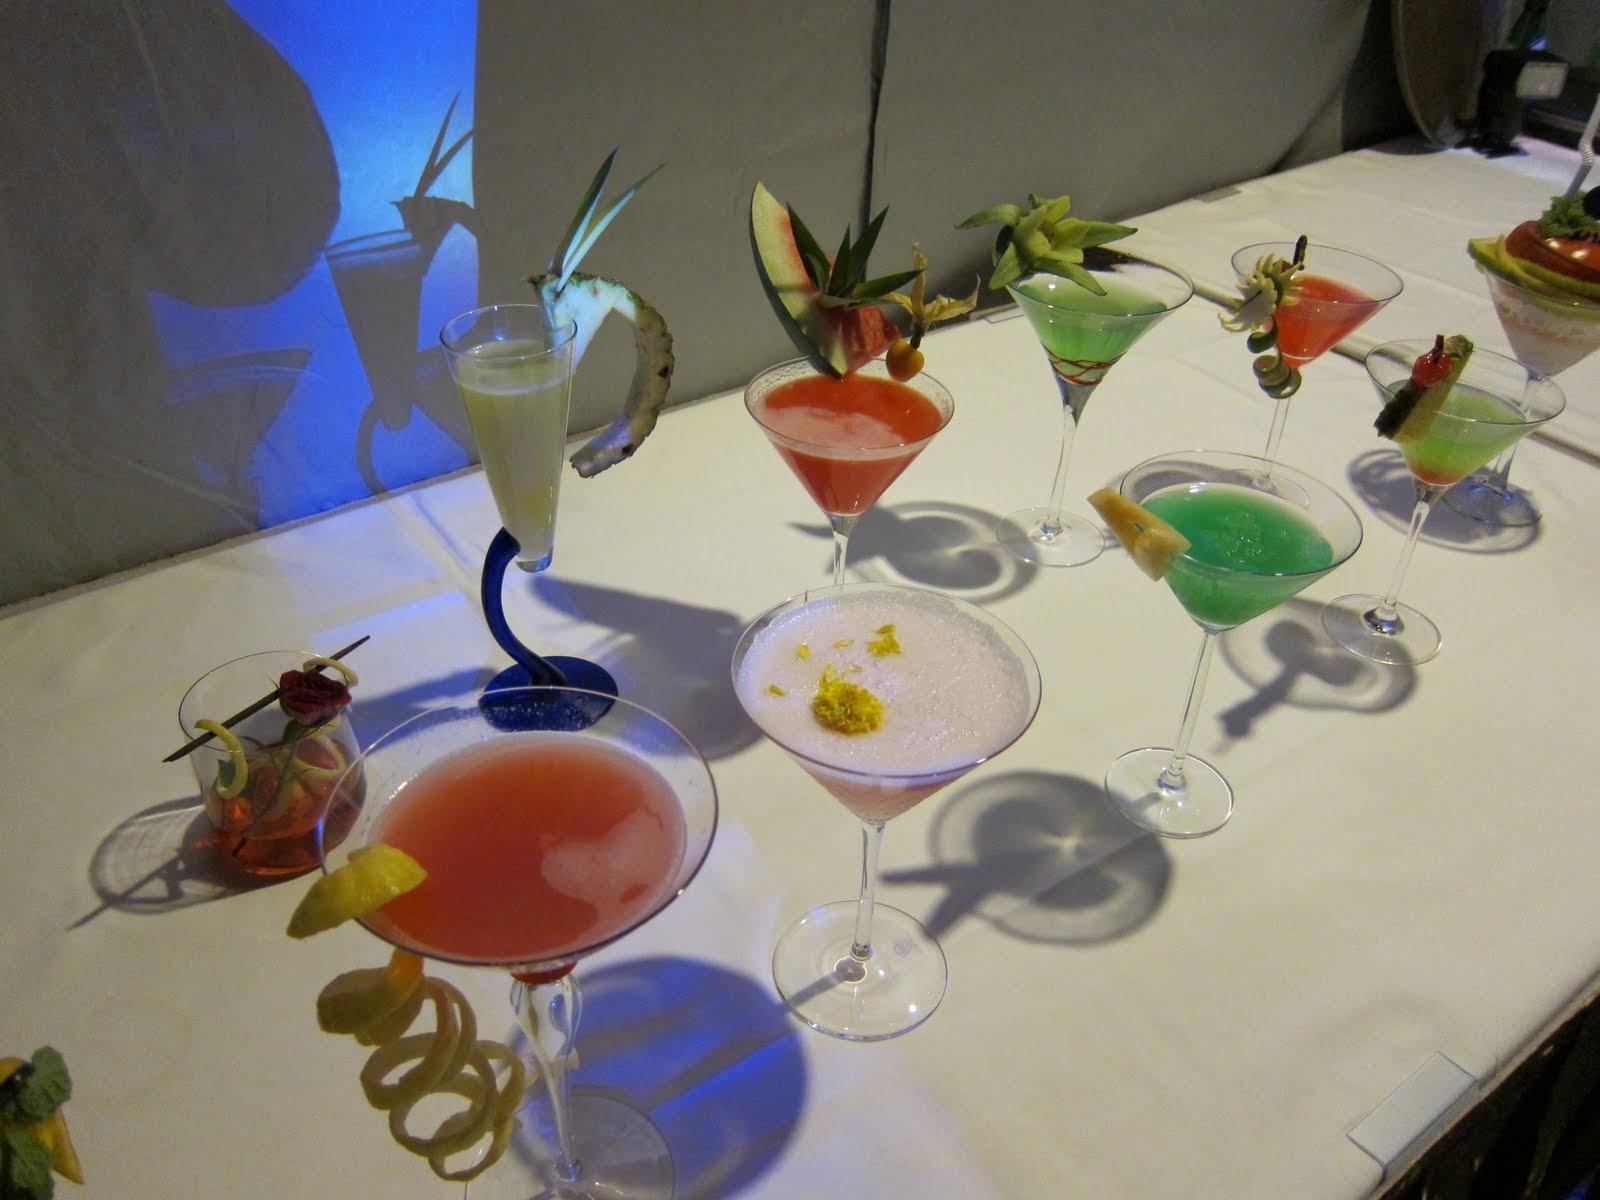 please come to visit!: 2010亞洲調酒比賽 - 澳門區選拔賽 28 Oct 2010